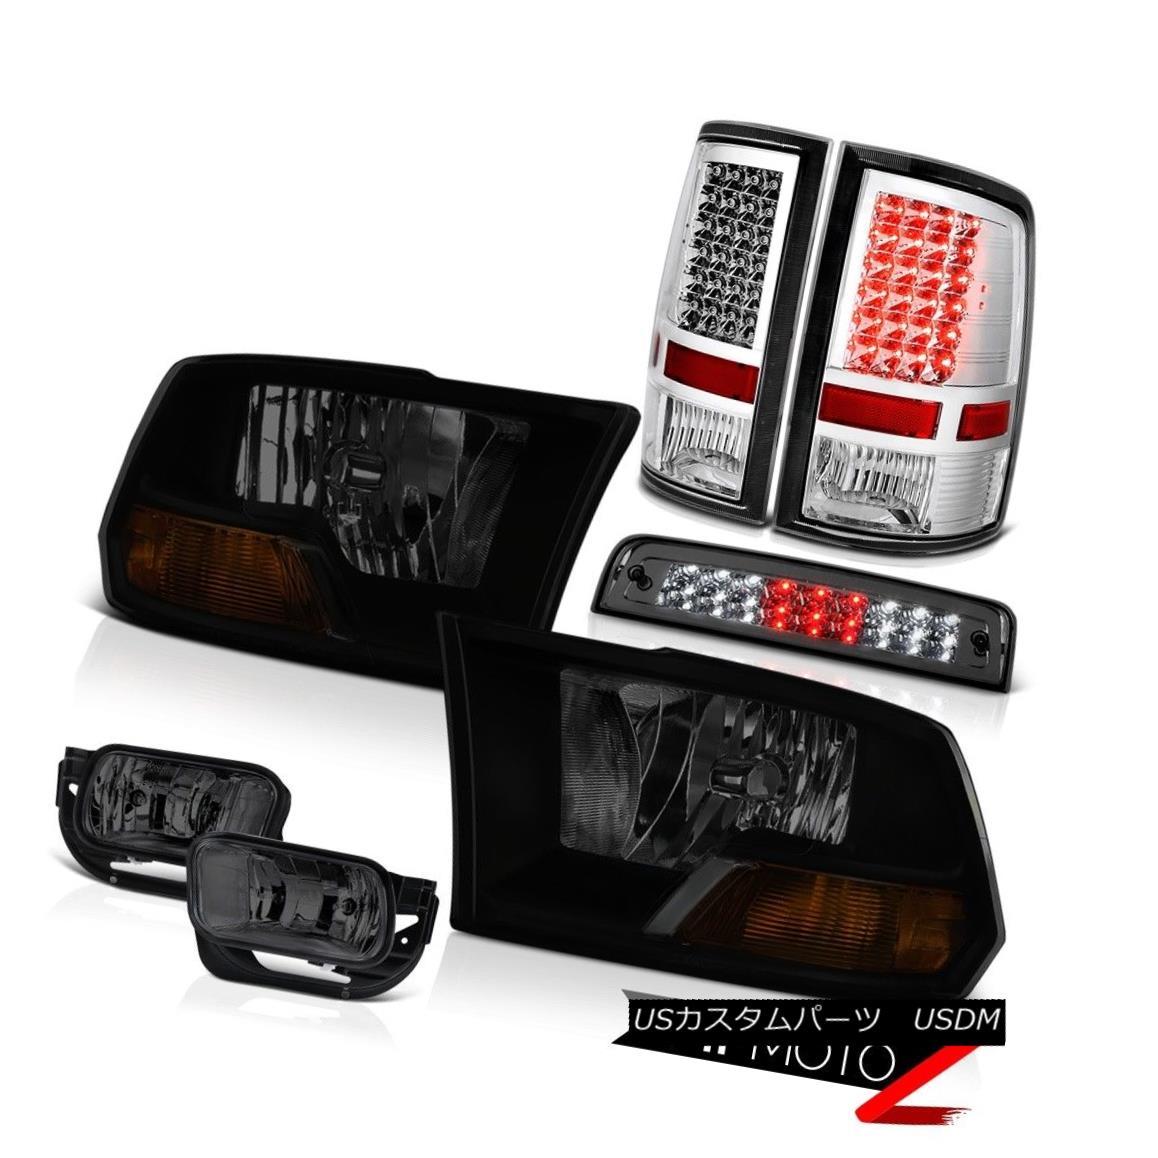 テールライト 2010-2018 Dodge Ram 2500 SLT Foglamps High Stop Light Taillamps Headlamps SMD 2010-2018 Dodge Ram 2500 SLTフォグランプハイストップライトタイルランプヘッドランプSMD